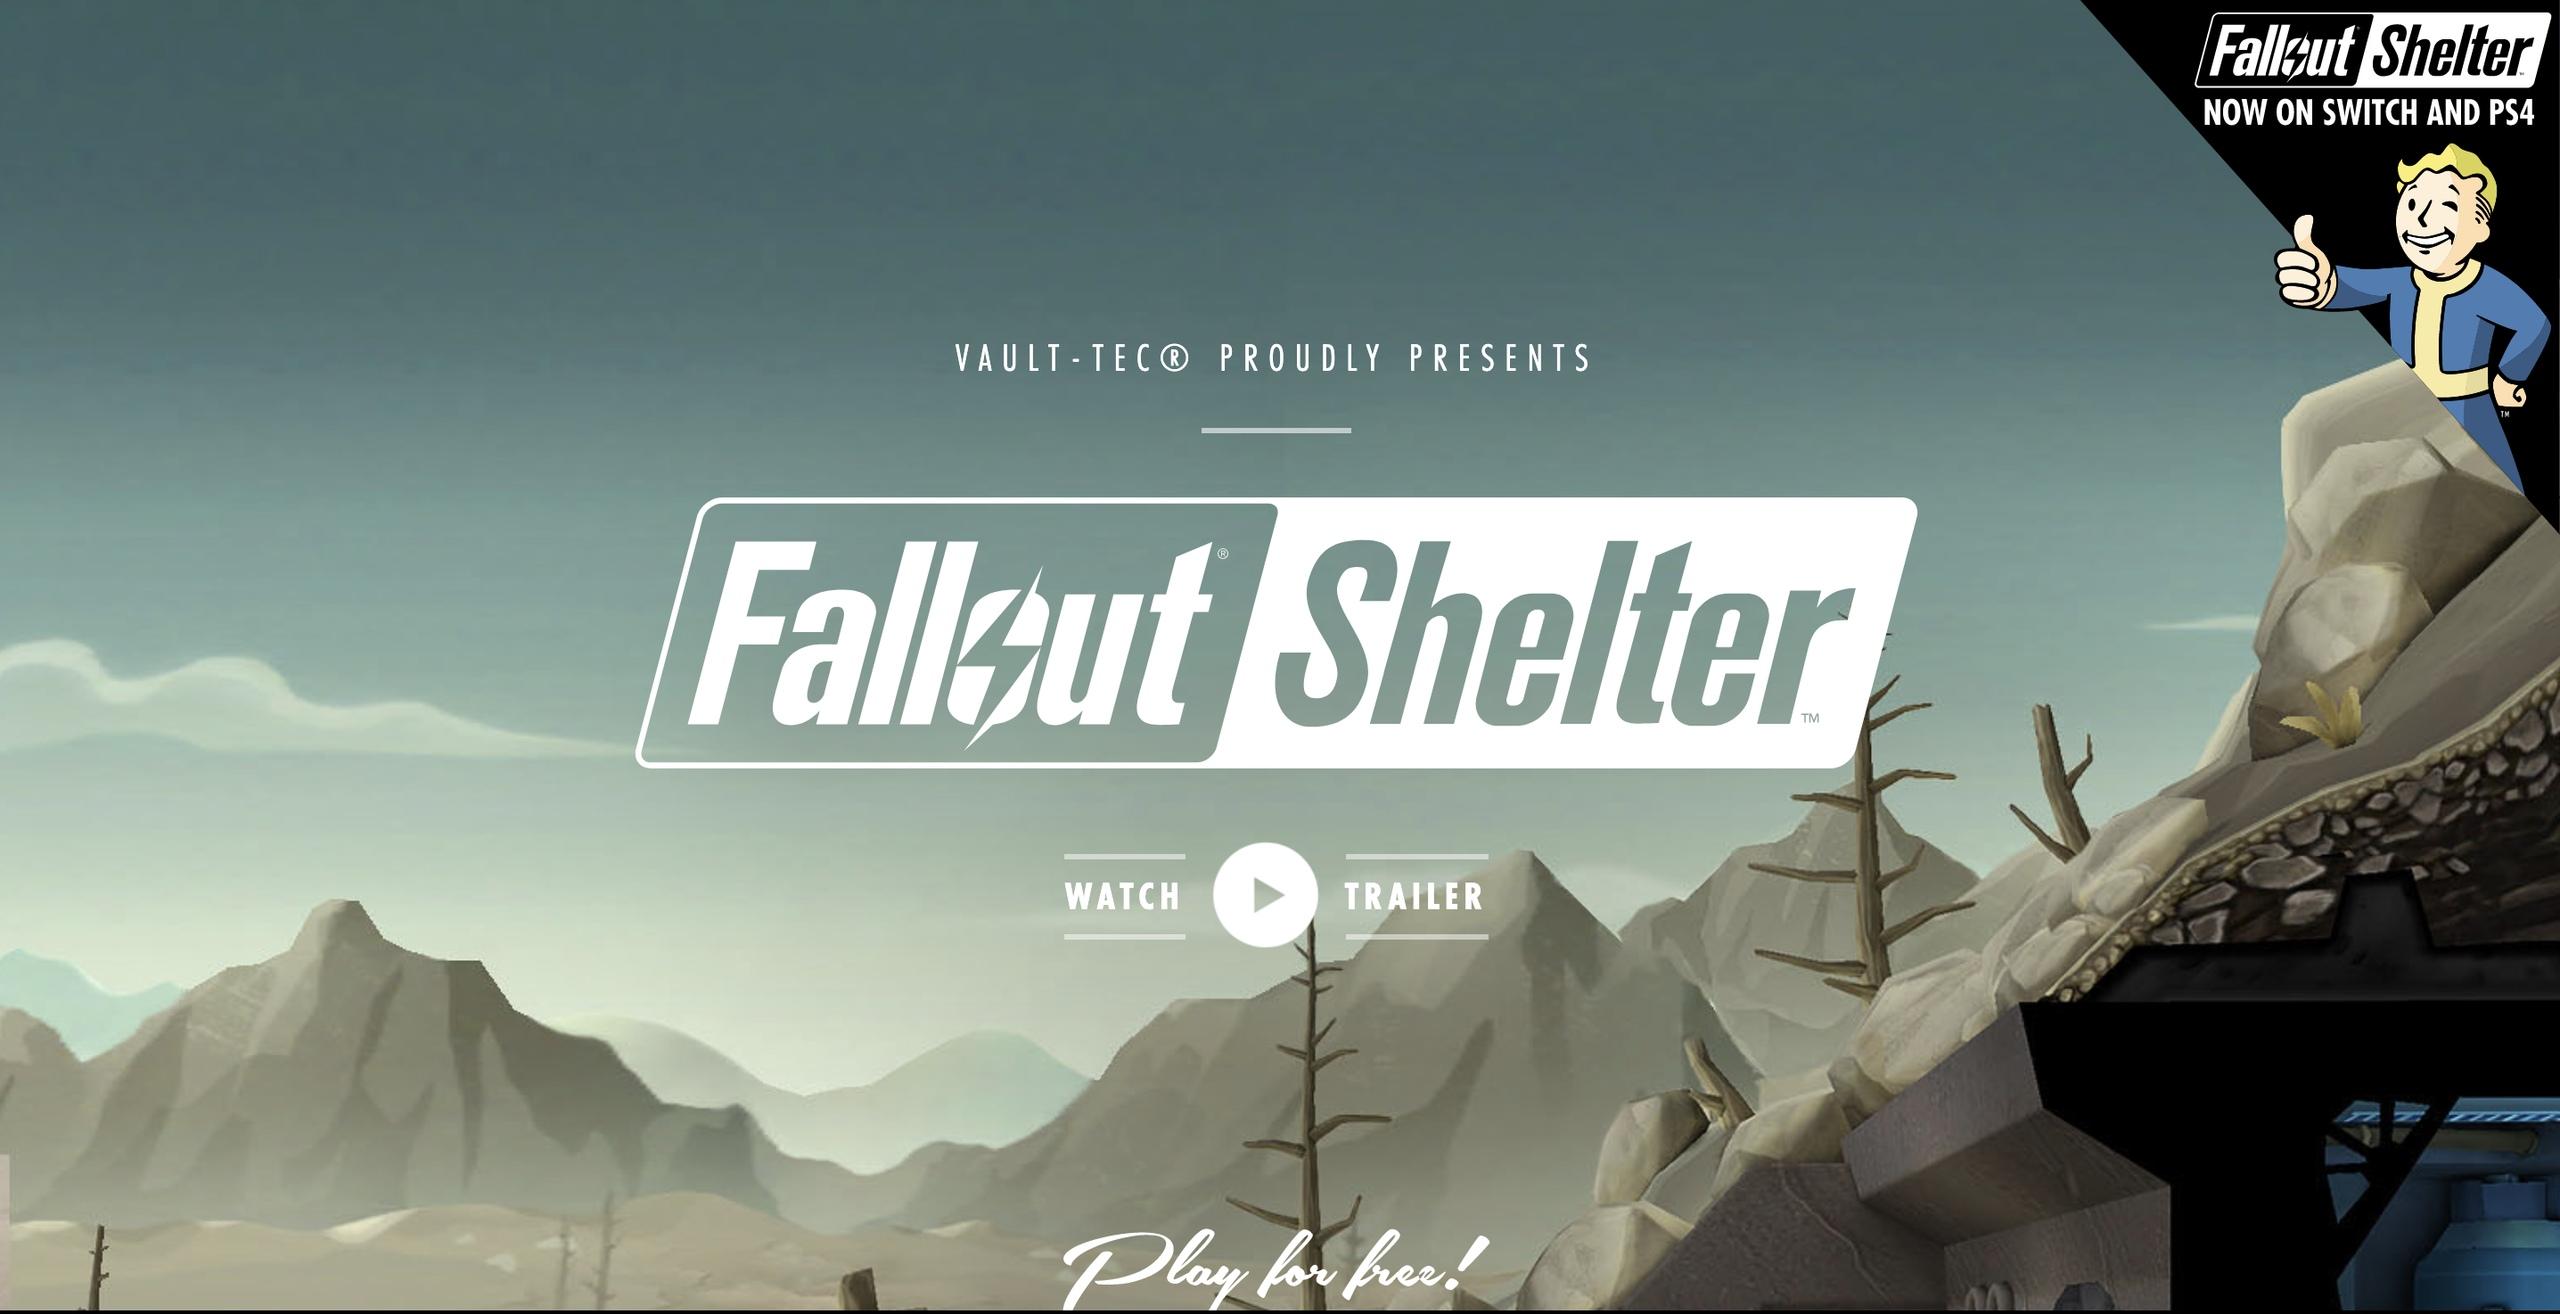 Fallout Shelter появится в автомобилях Tesla, об этом на Е3 объявил Илон Маск, а Тодд Говард предложил так же портировать The Elder Scrolls V: Skyrim.